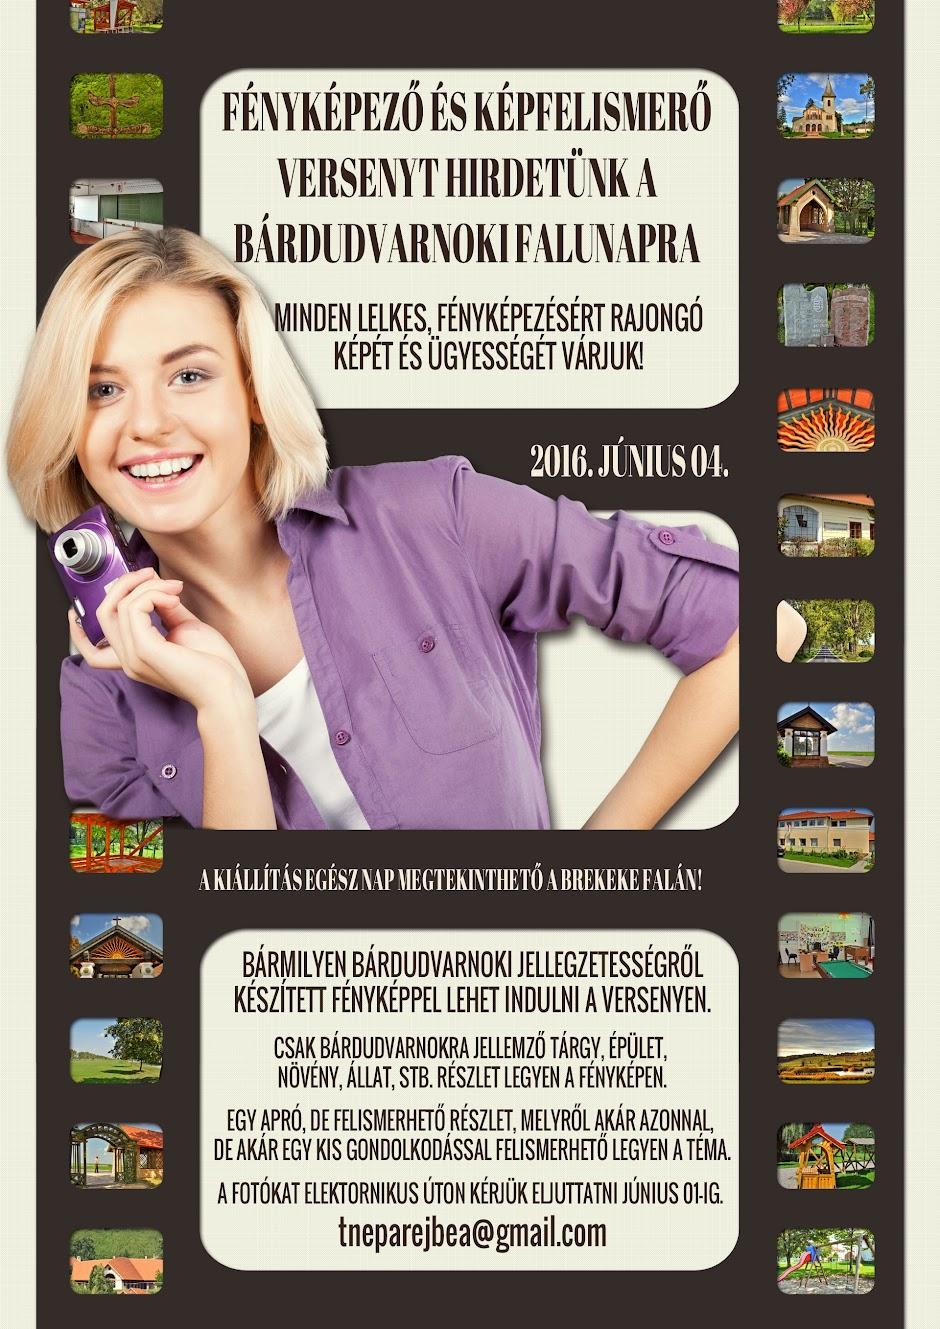 FÉNYKÉPEZZ ÉS ISMERD FEL, HELYBŐL! verseny és fotókiállítás a Bárdudvarnoki Falunapon 2016. június 04.